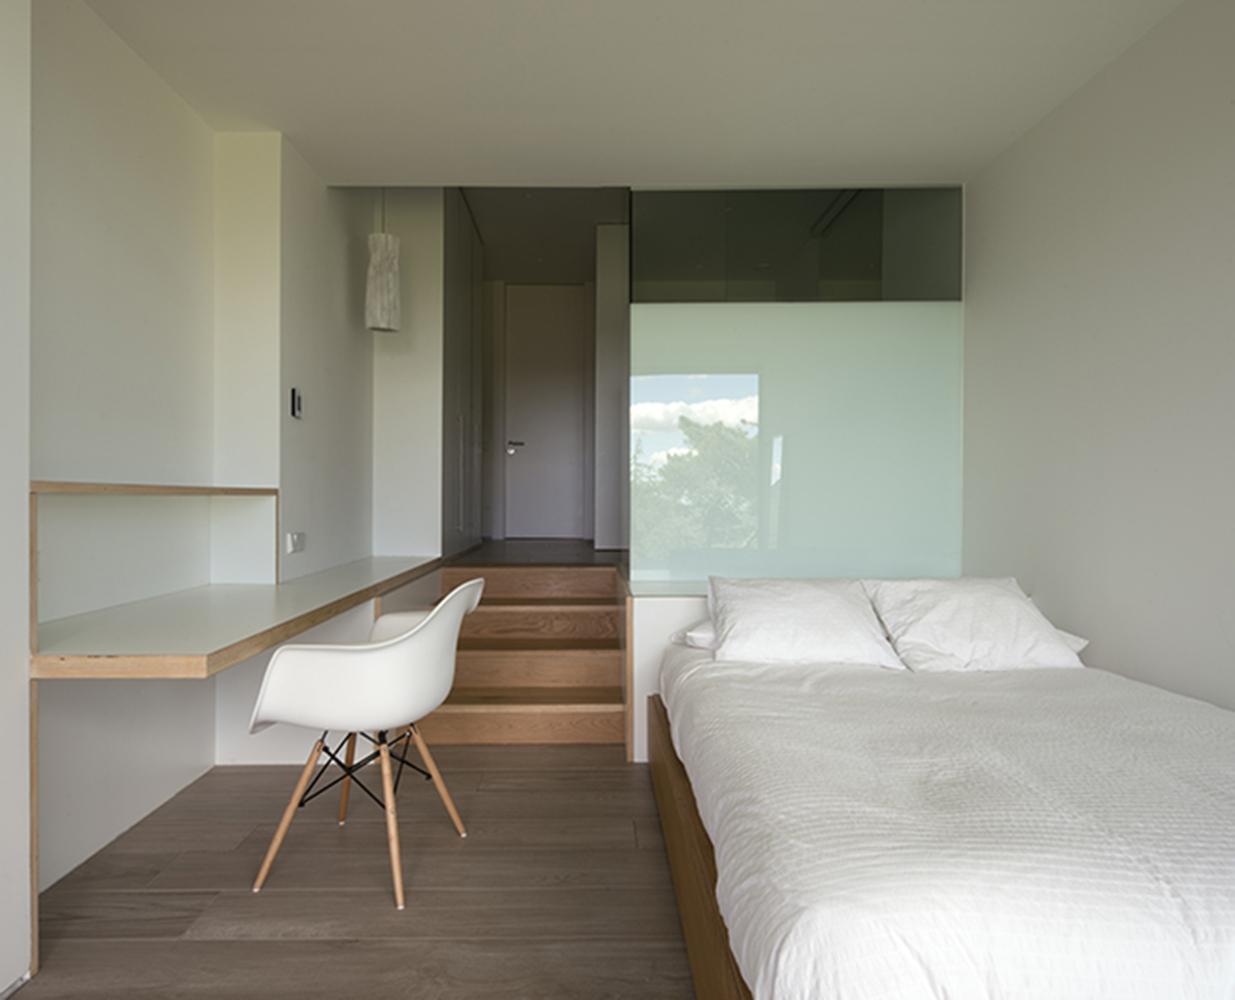 In spagna una favolosa casa con vista dalle montagne di for Case a buon mercato 4 camere da letto